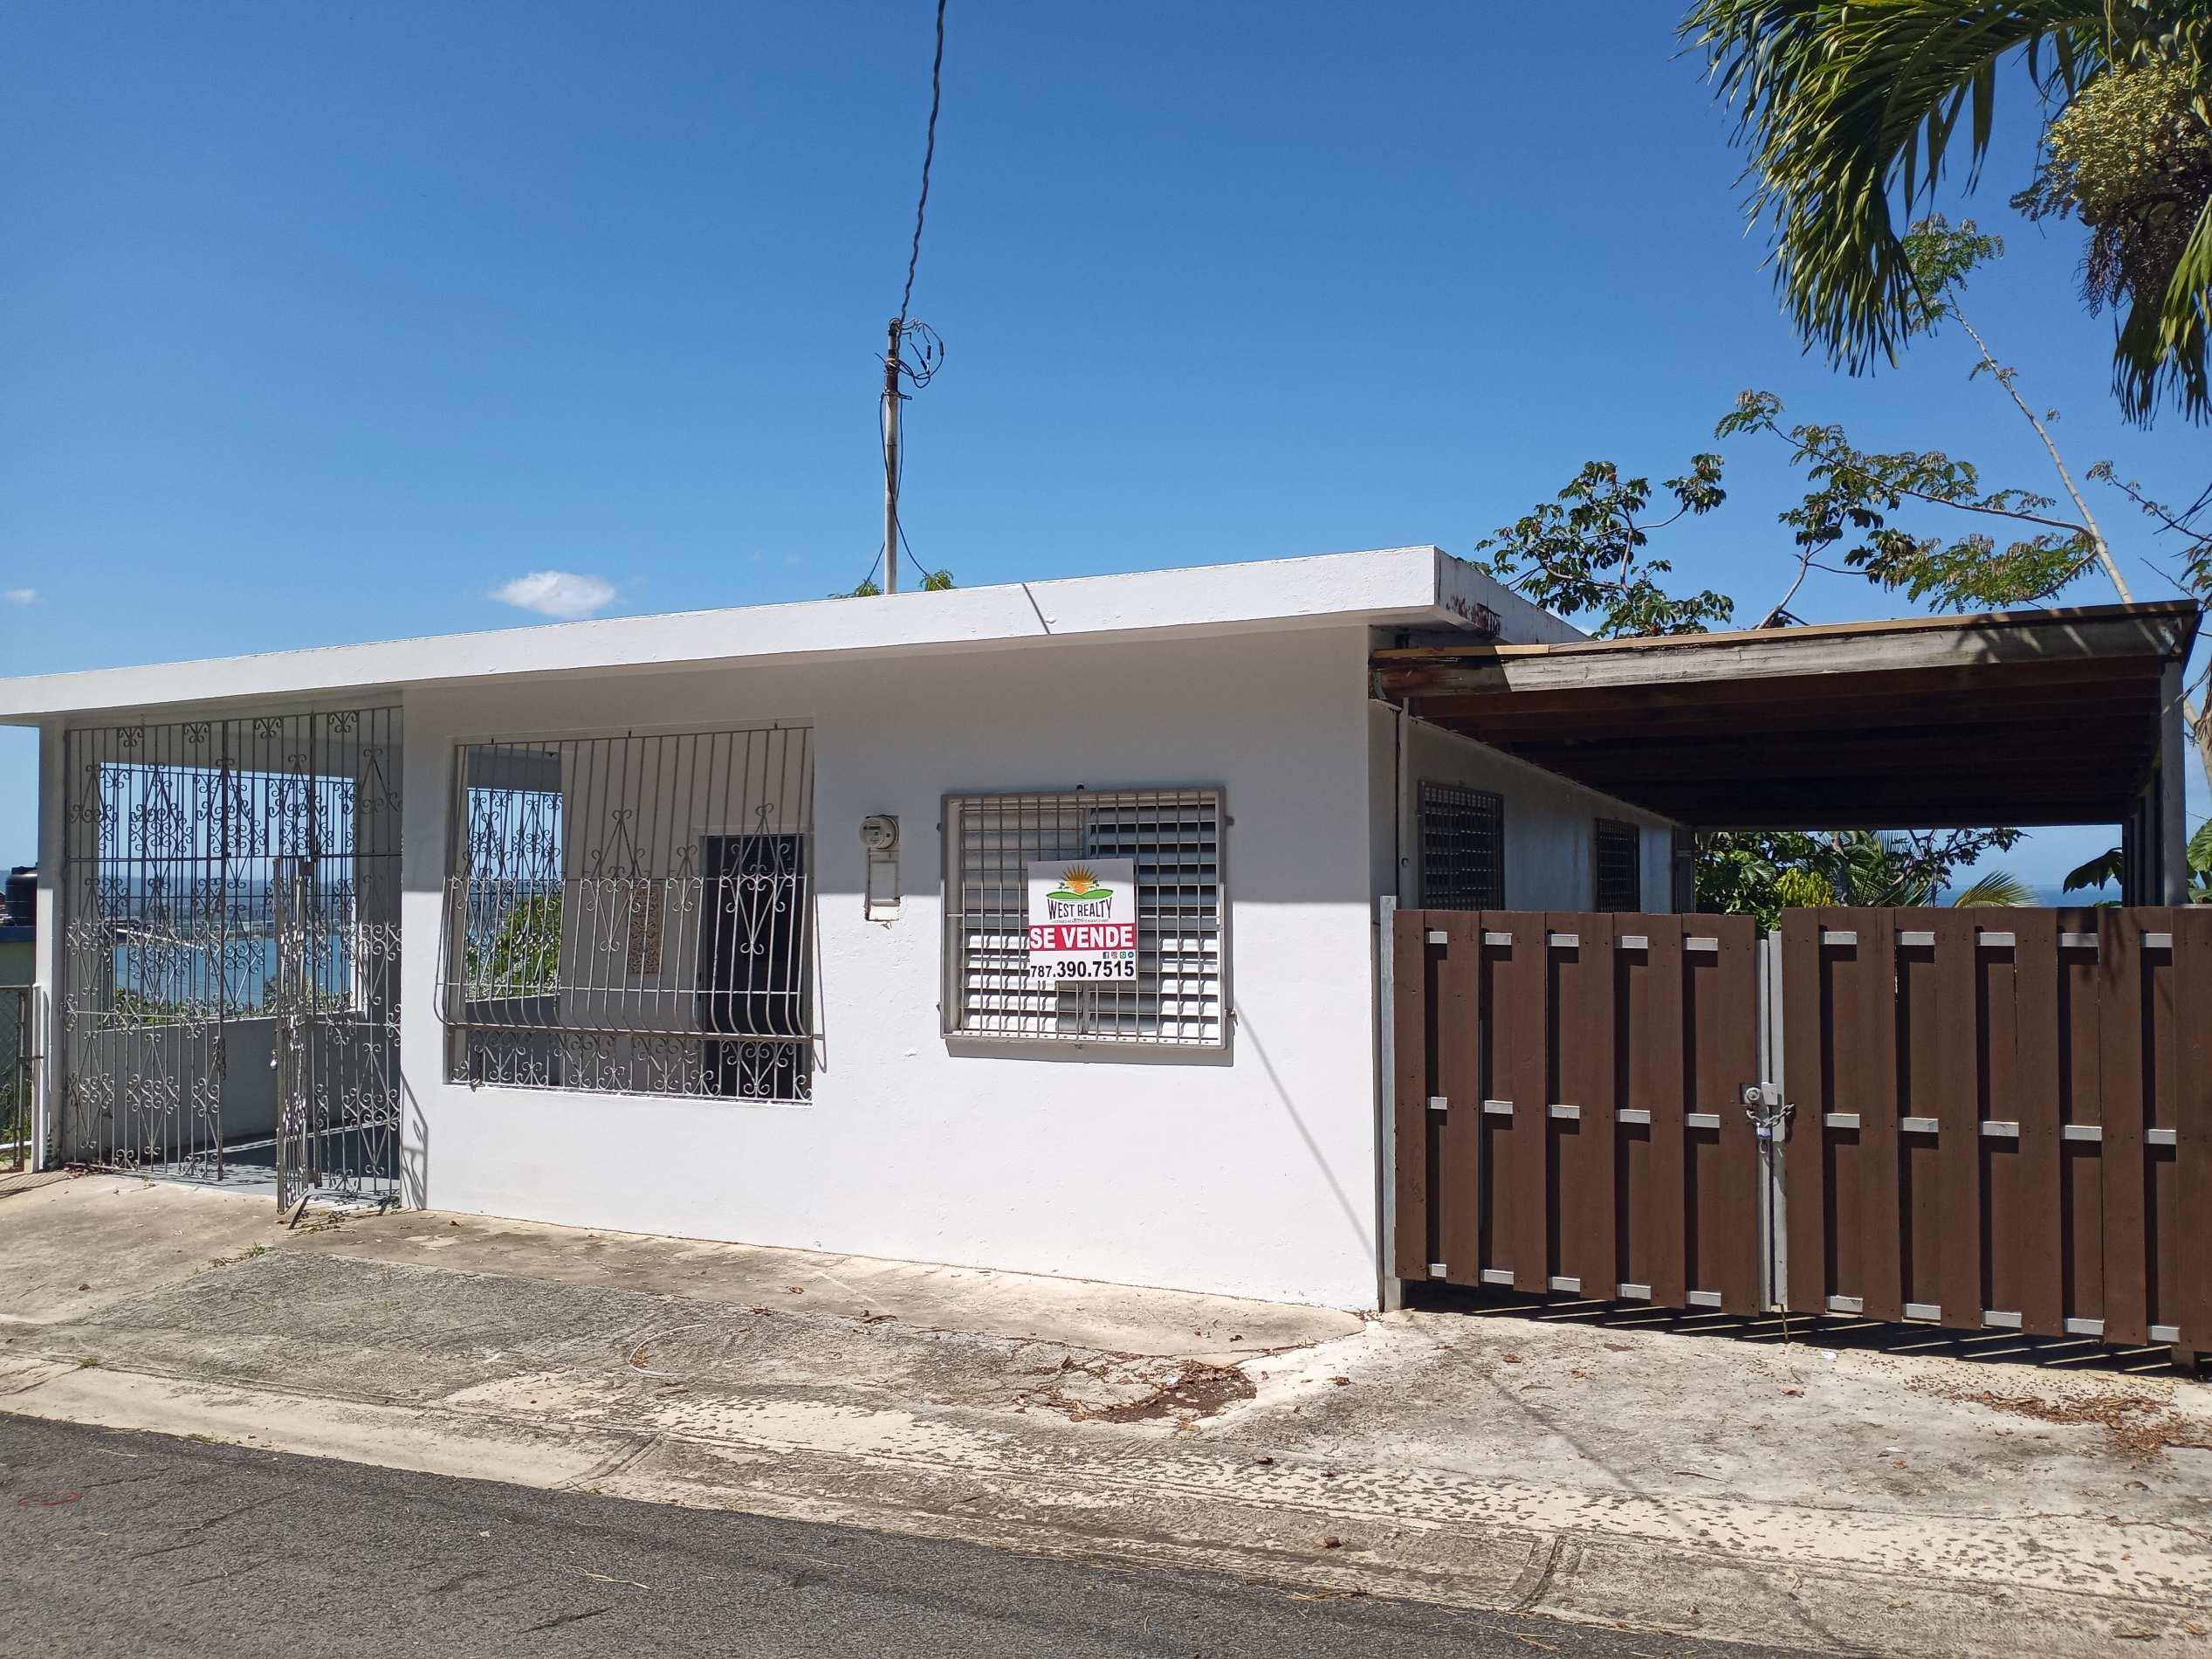 Las Caiseas Bo Algarrobo 566 Mayaguez, PR 00680